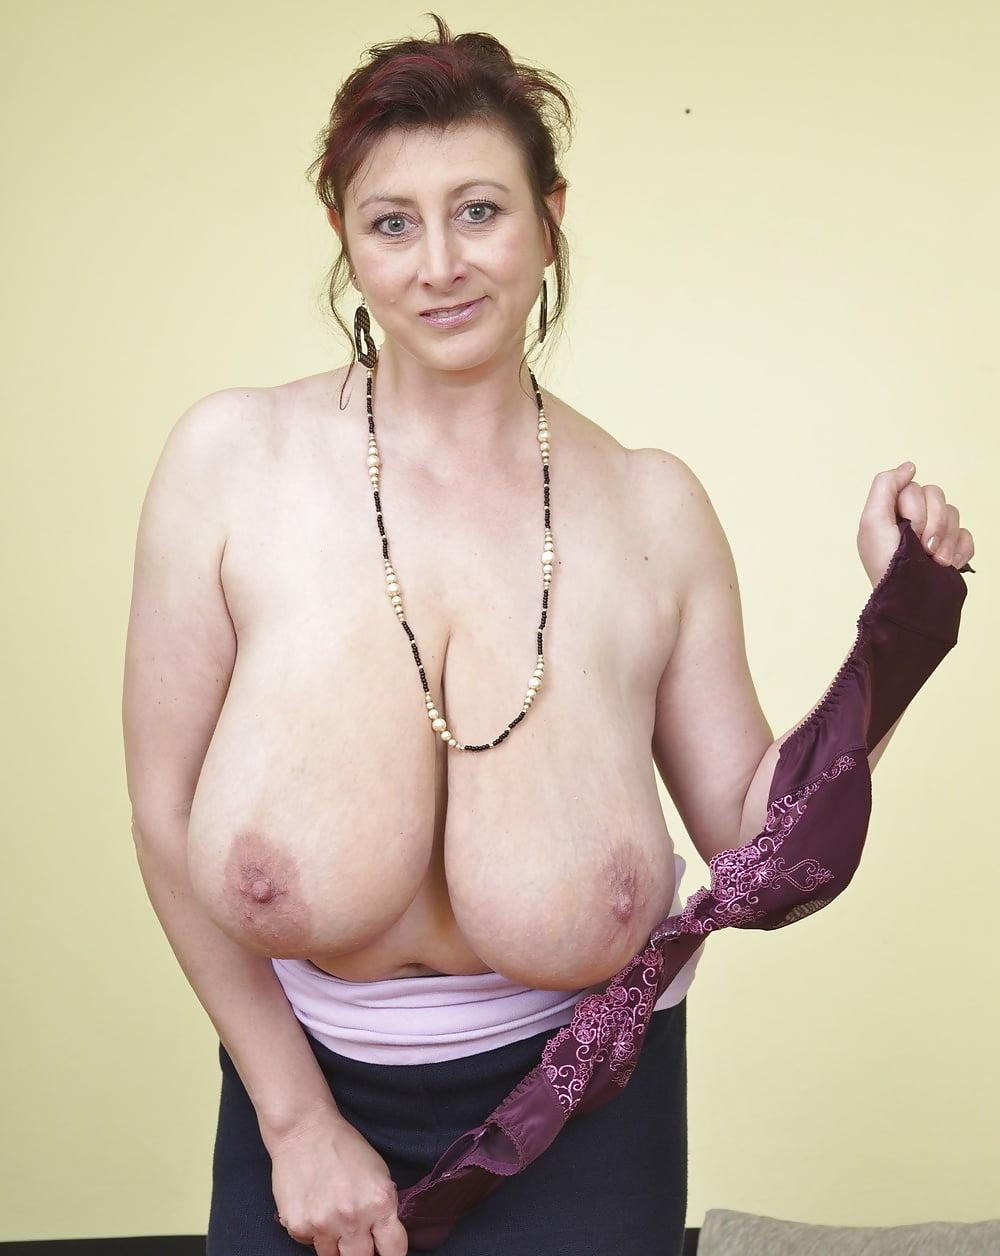 Hot milf big saggy tits #4